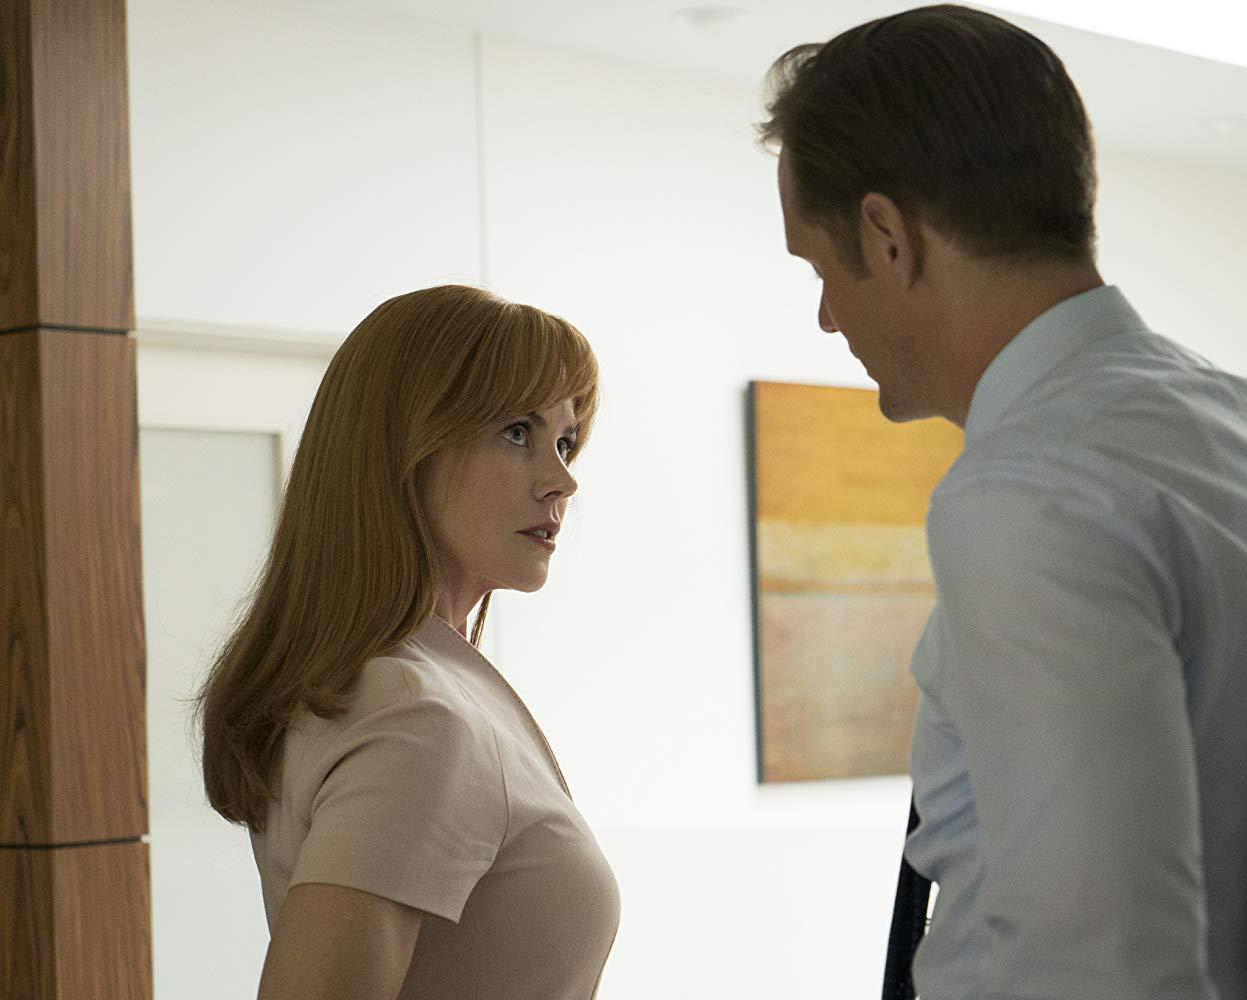 هنرنمایی Nicole Kidman در سریال دروغ های بزرگ کوچک Big Little Lies